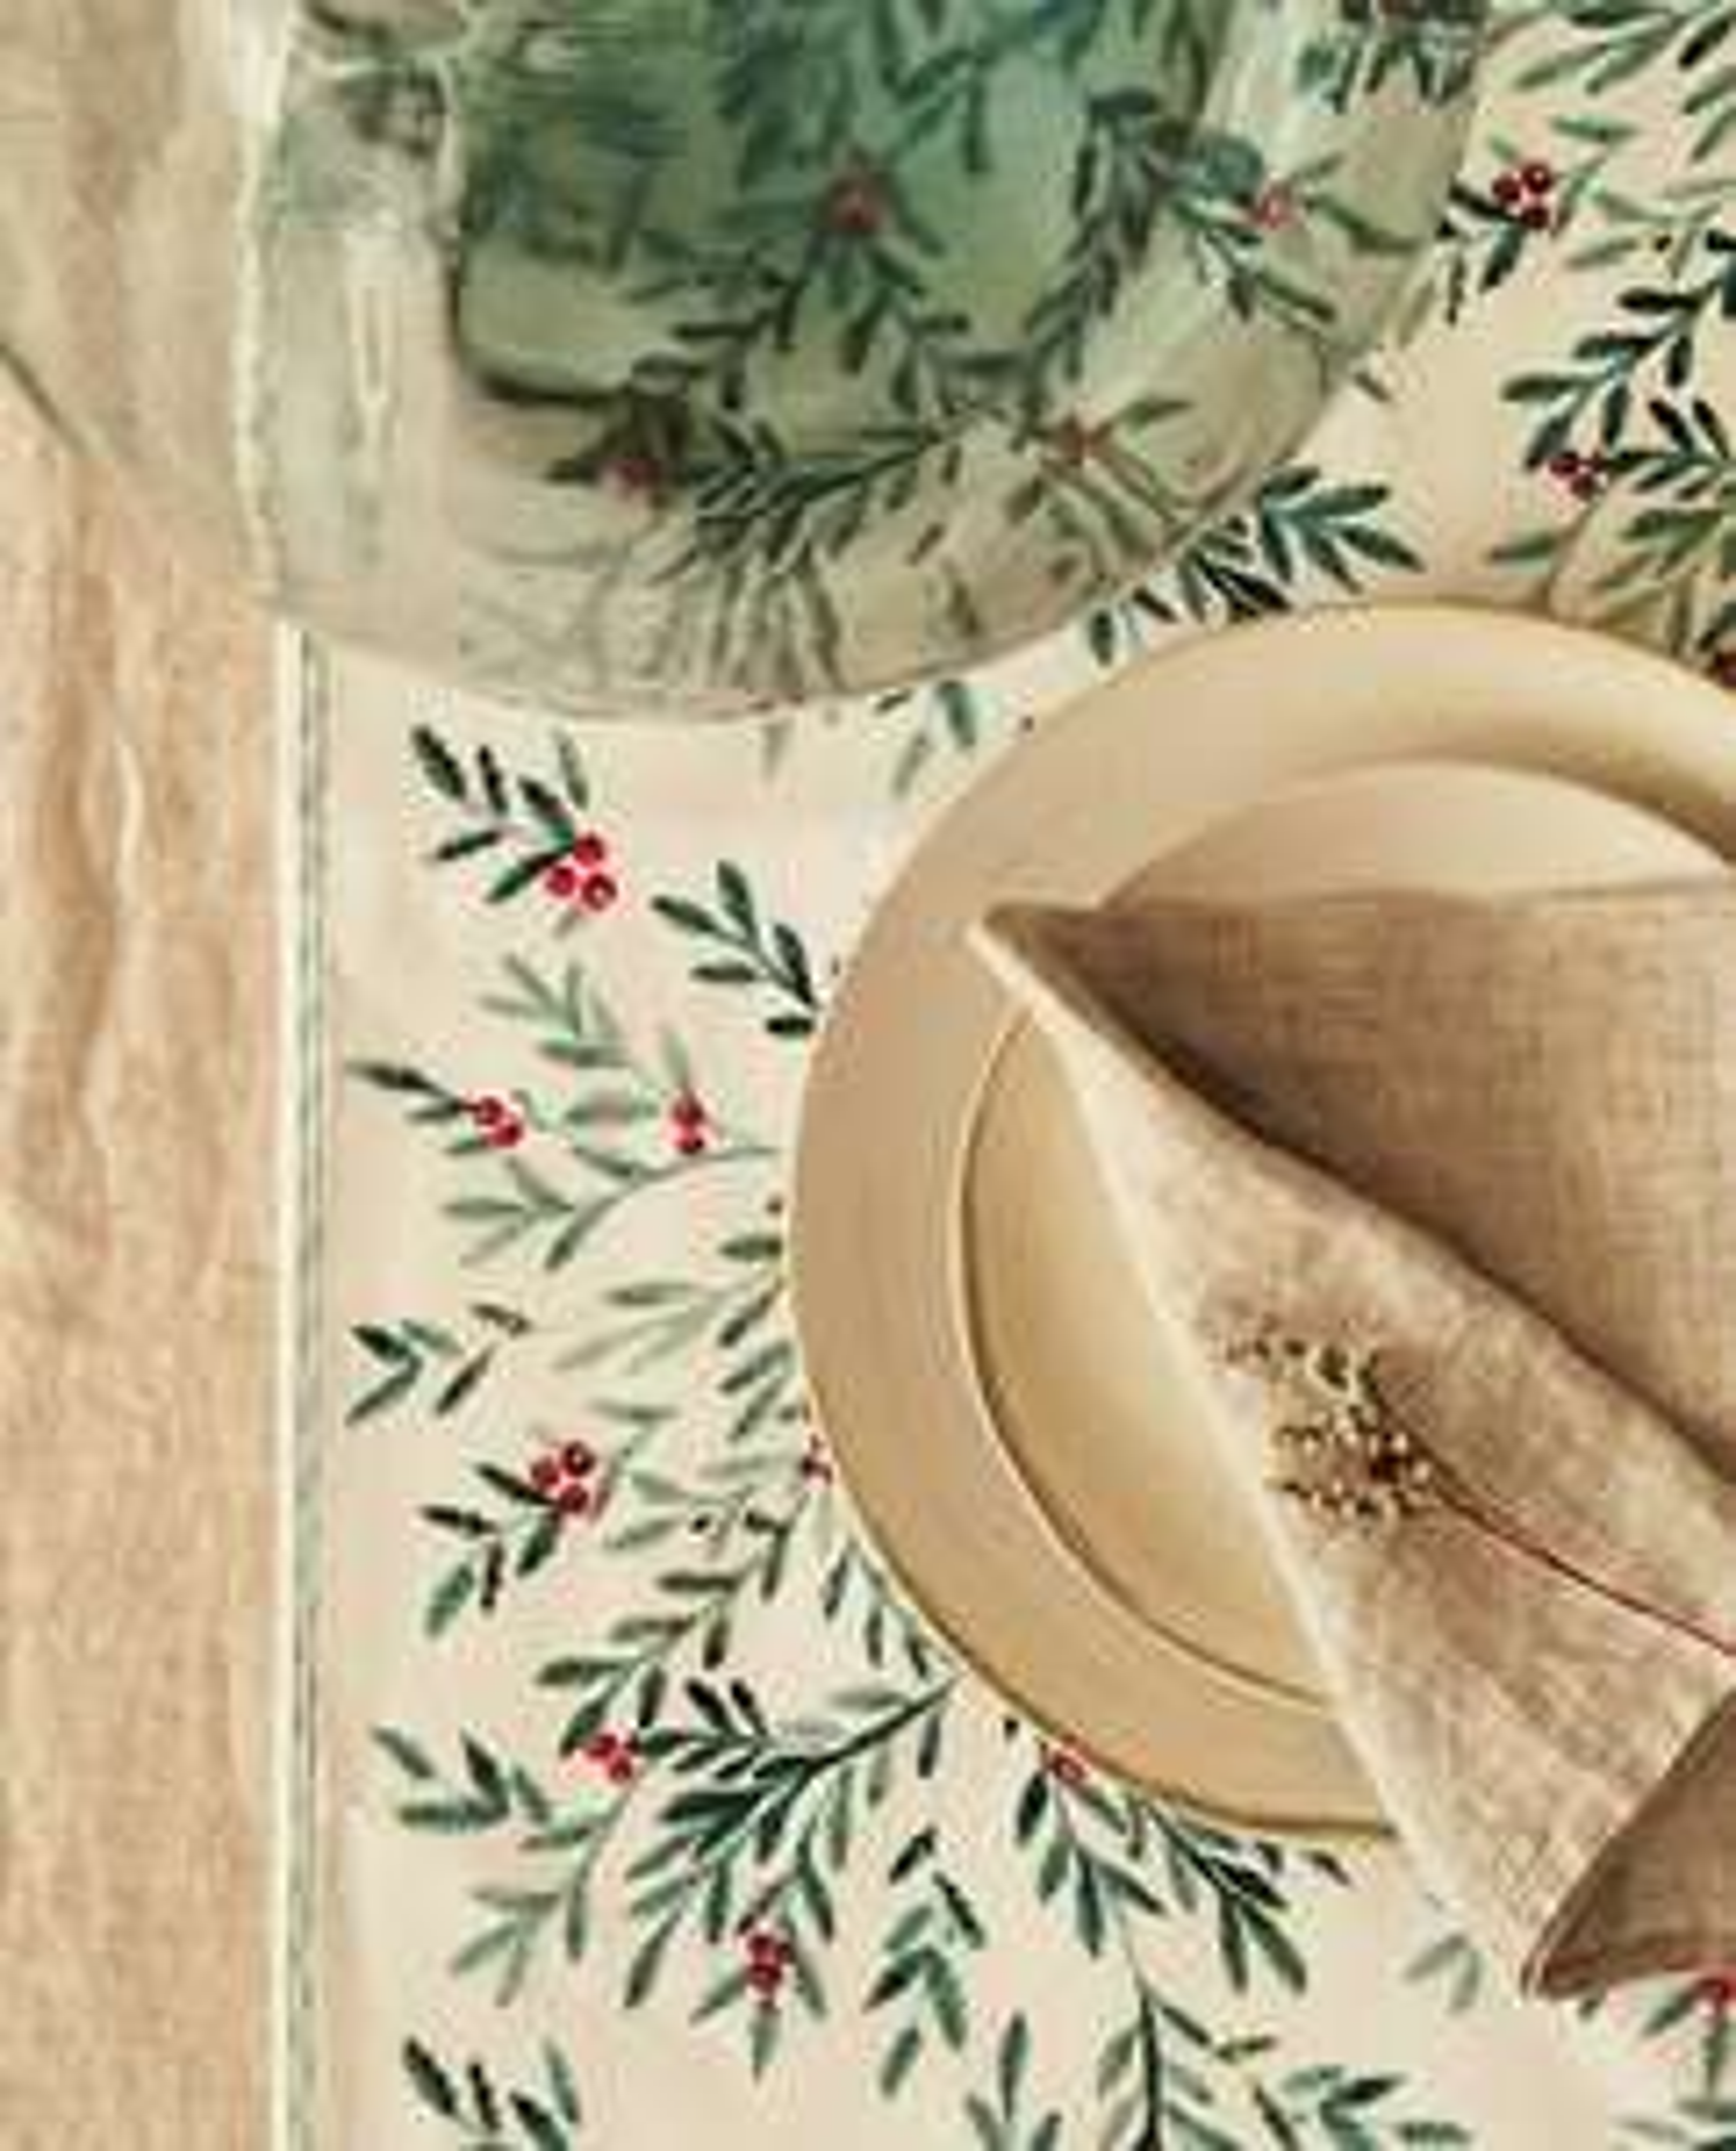 20% Rabatt auf die gesamte Winterkollektion + kostenfreier Versand bei Zara Home, z.B. Tischläufer aus Baumwolle